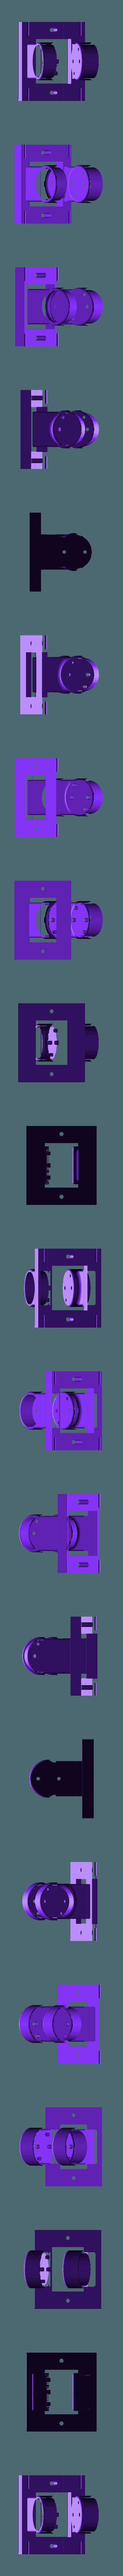 Gu10_LED_Wall_Light___mount.stl Télécharger fichier STL gratuit Gu10 LED Applique • Modèle à imprimer en 3D, vmi